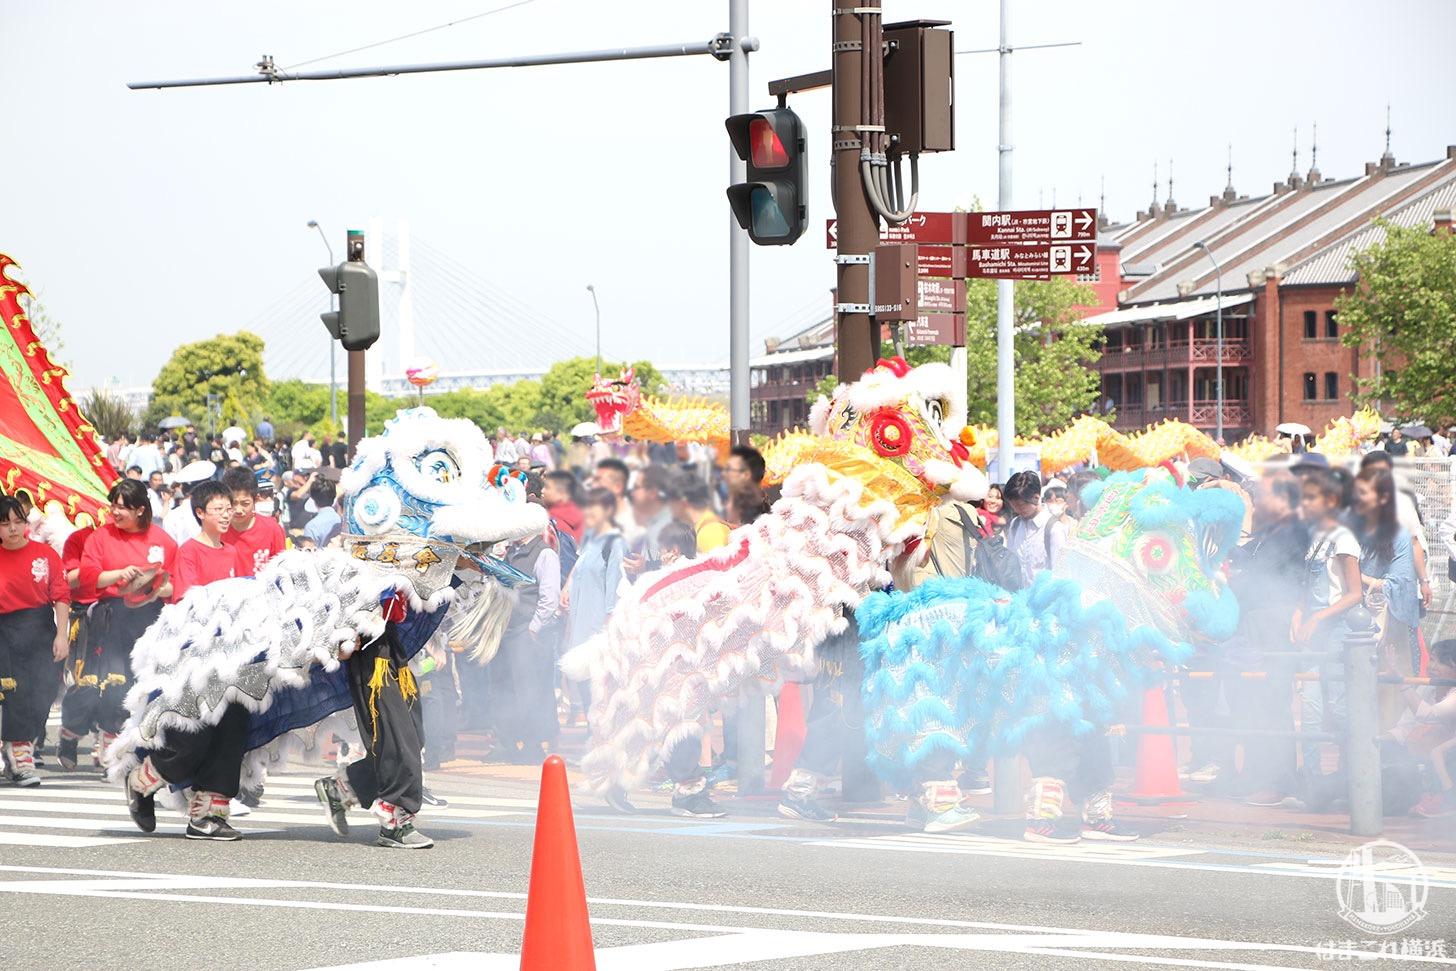 国際仮装行列「ザ よこはまパレード」約3時間の観覧体験と今後の持ちもの